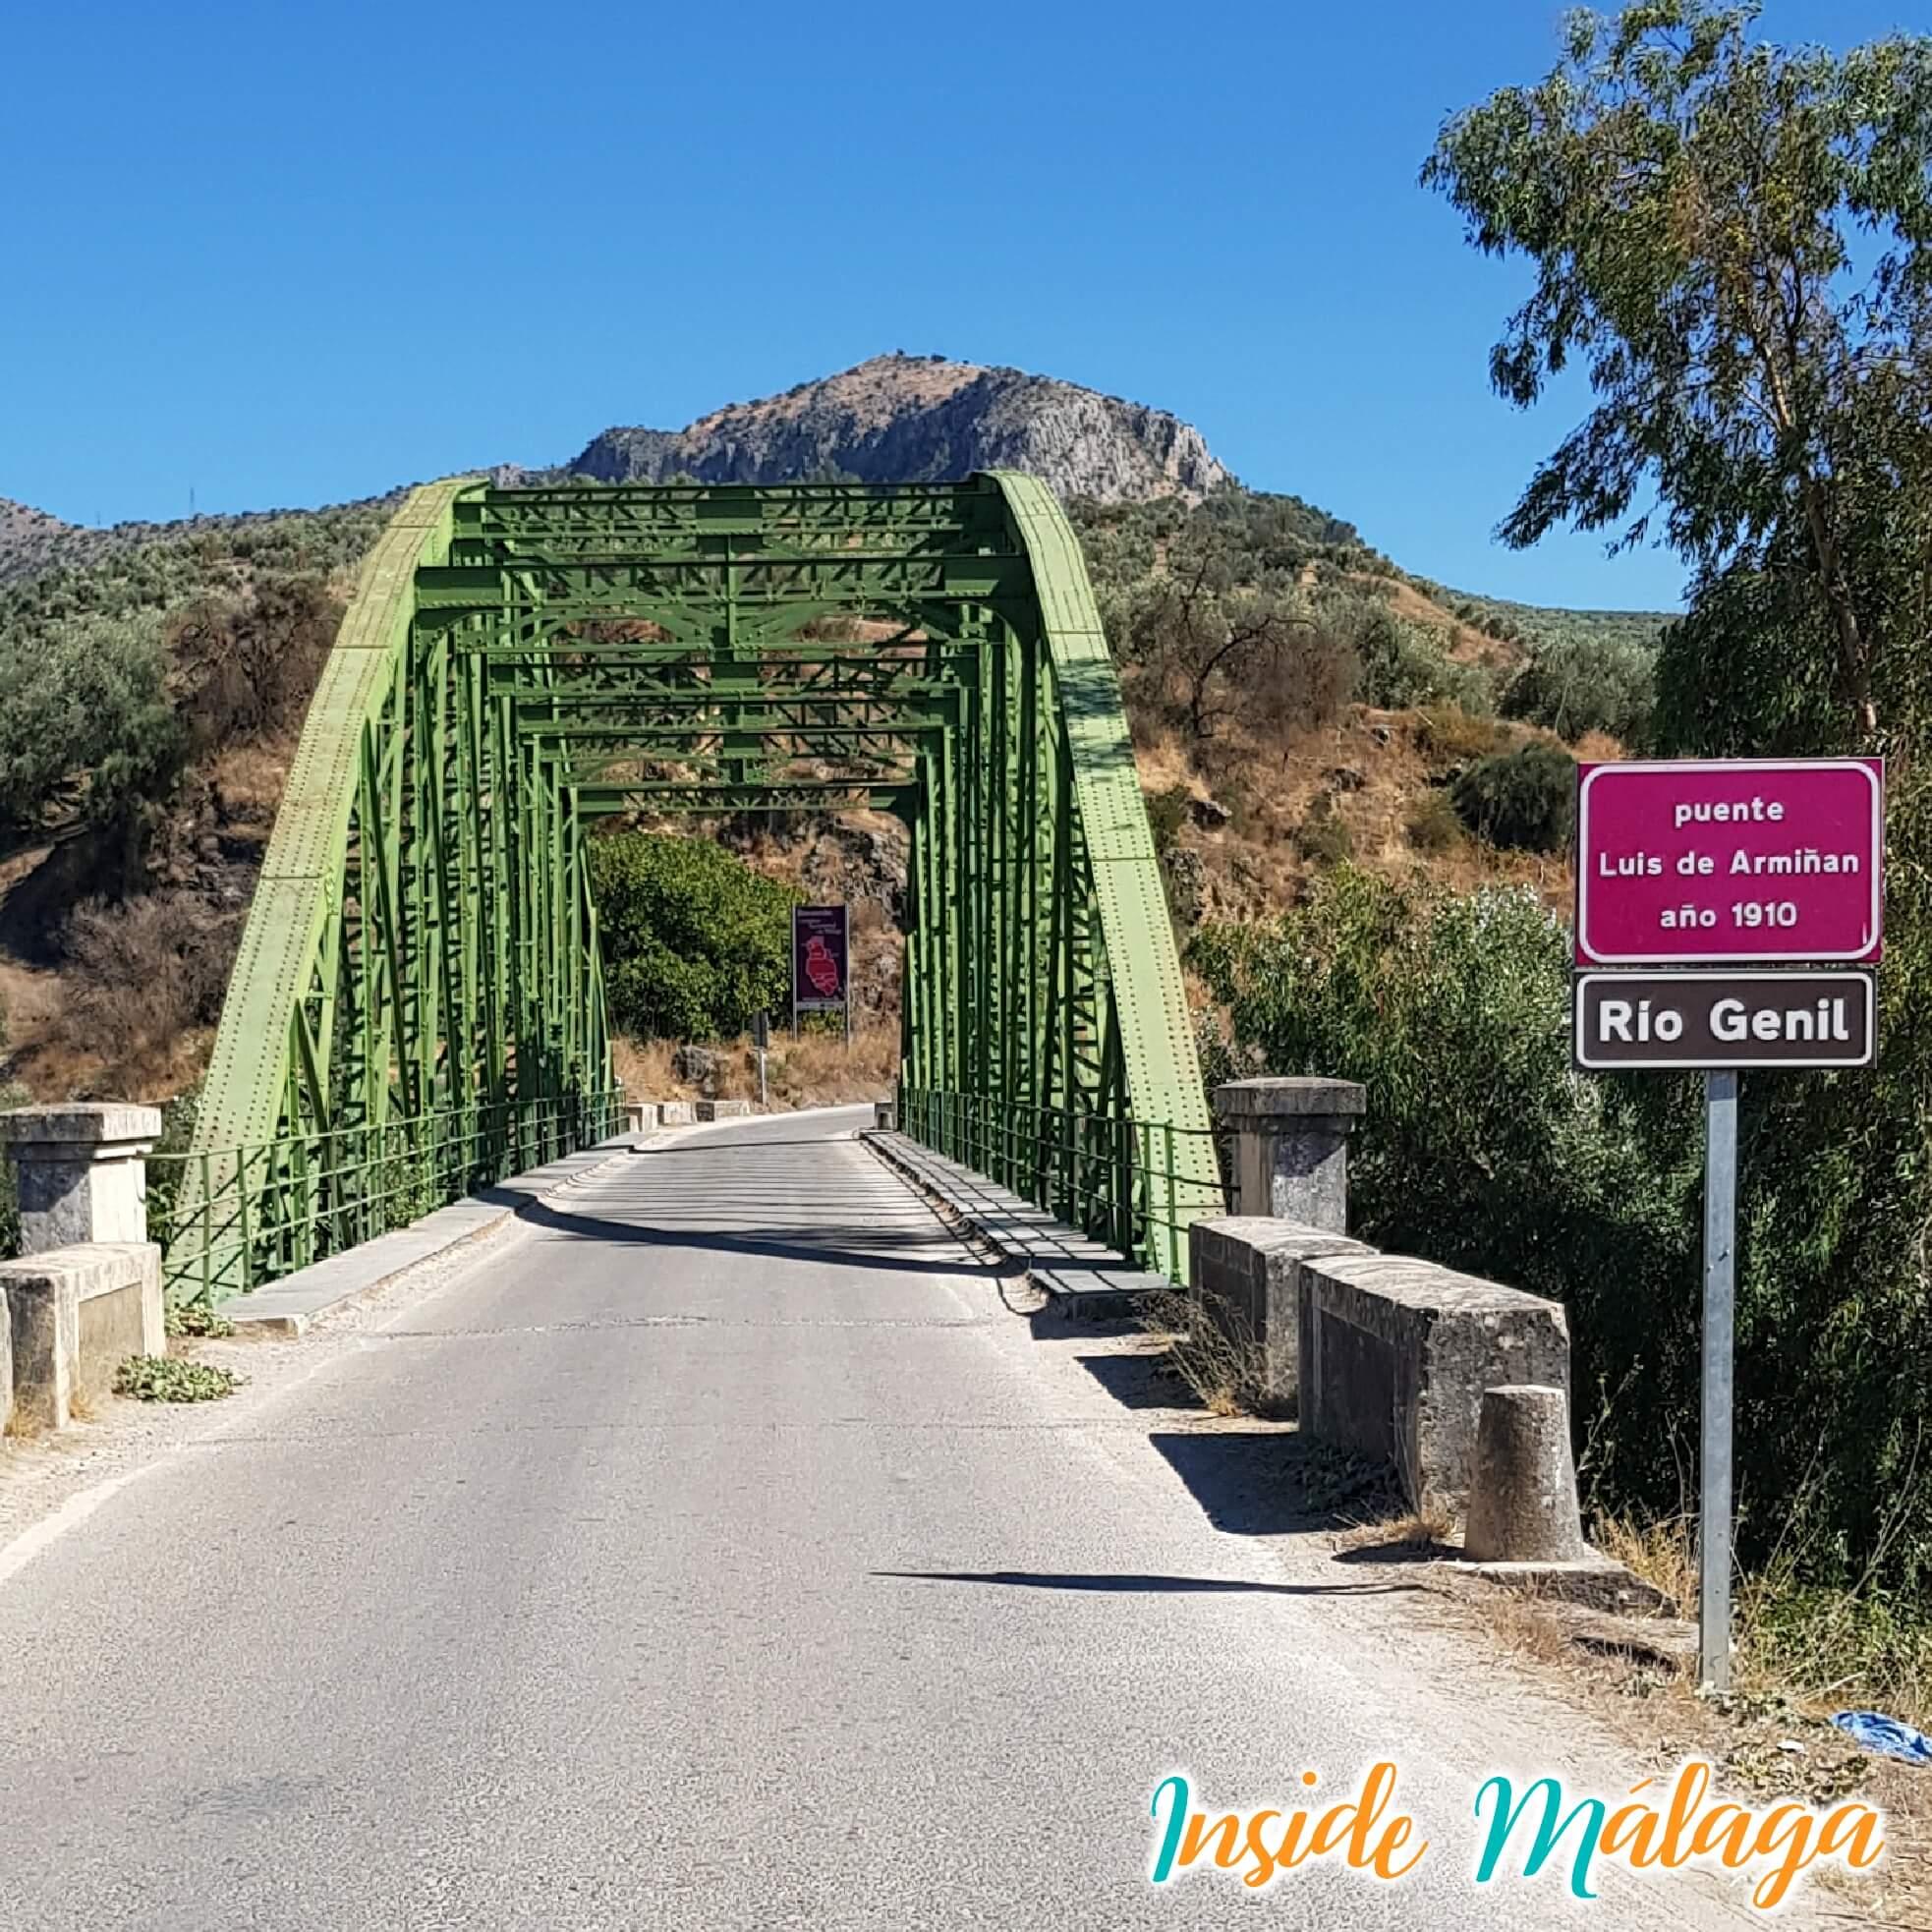 Puente Luis Armiñan Cuevas de San Marcos Malaga